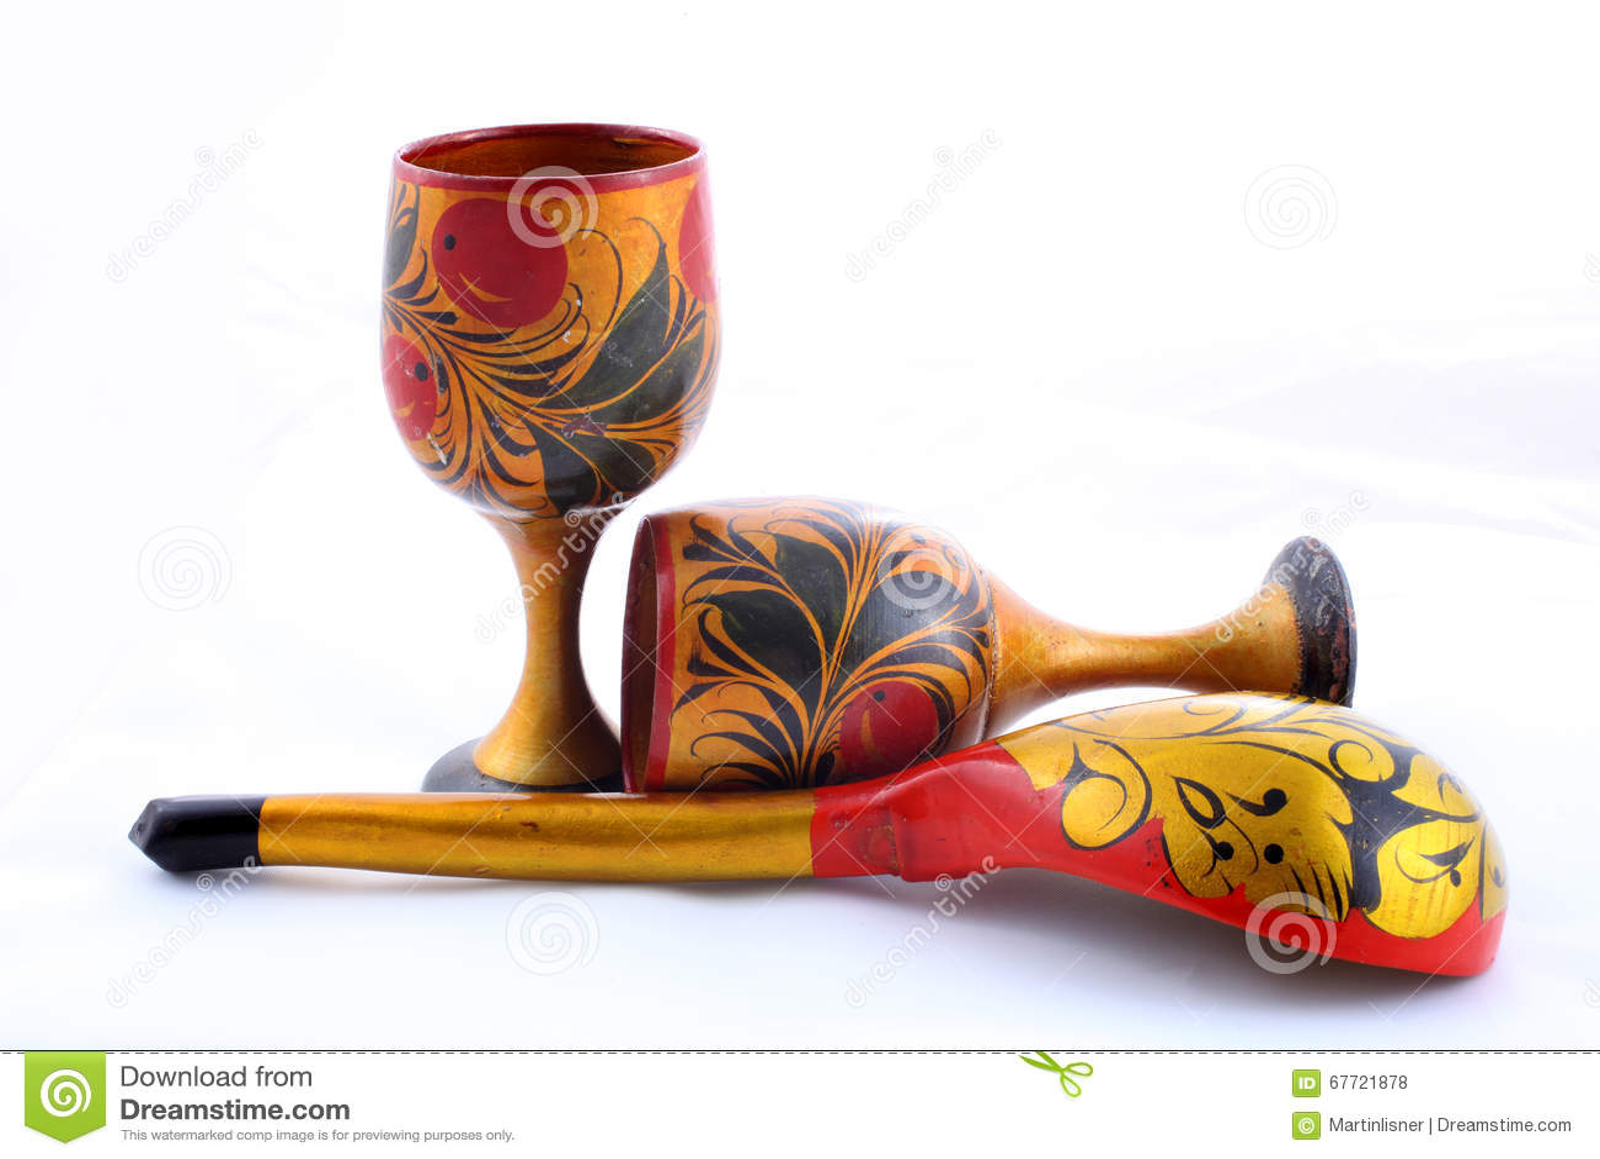 Houten die schotels, met bloemenornament in de stijl van Khokhloma Rus worden geschilderd